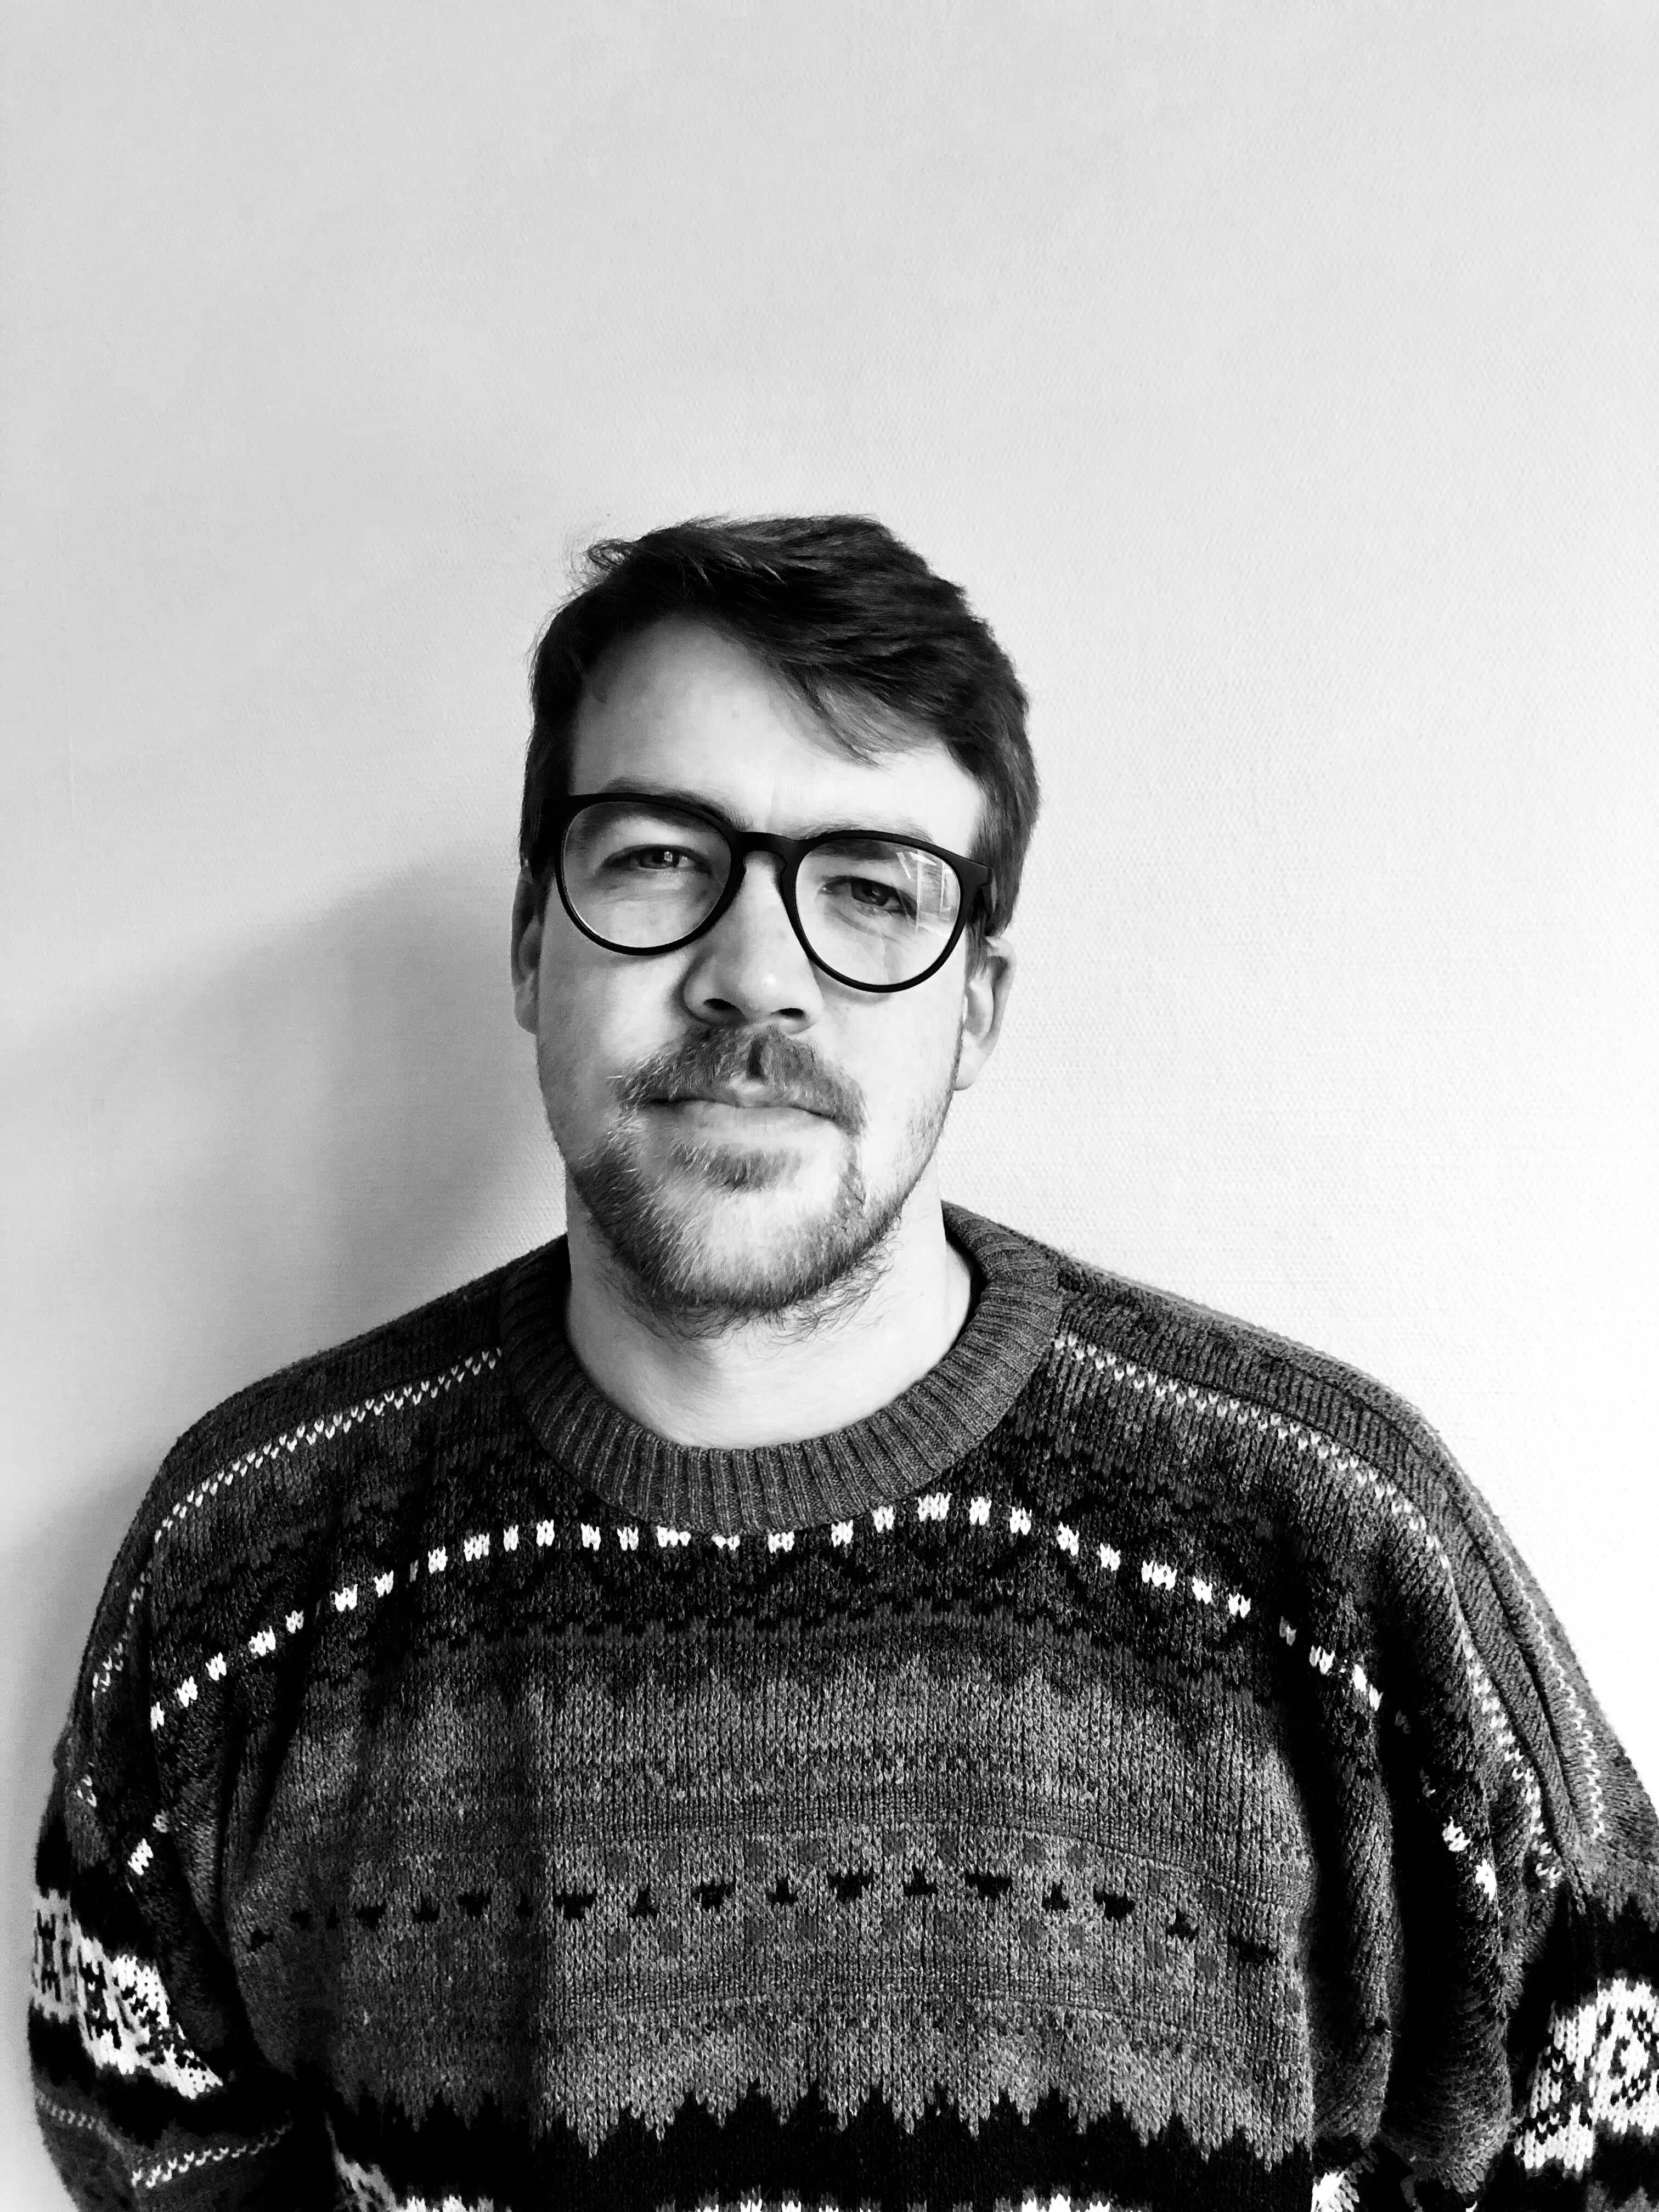 équipe administrative :Portrait de Maxime Moinet, chargé de projets de l'asbl Liège Centre